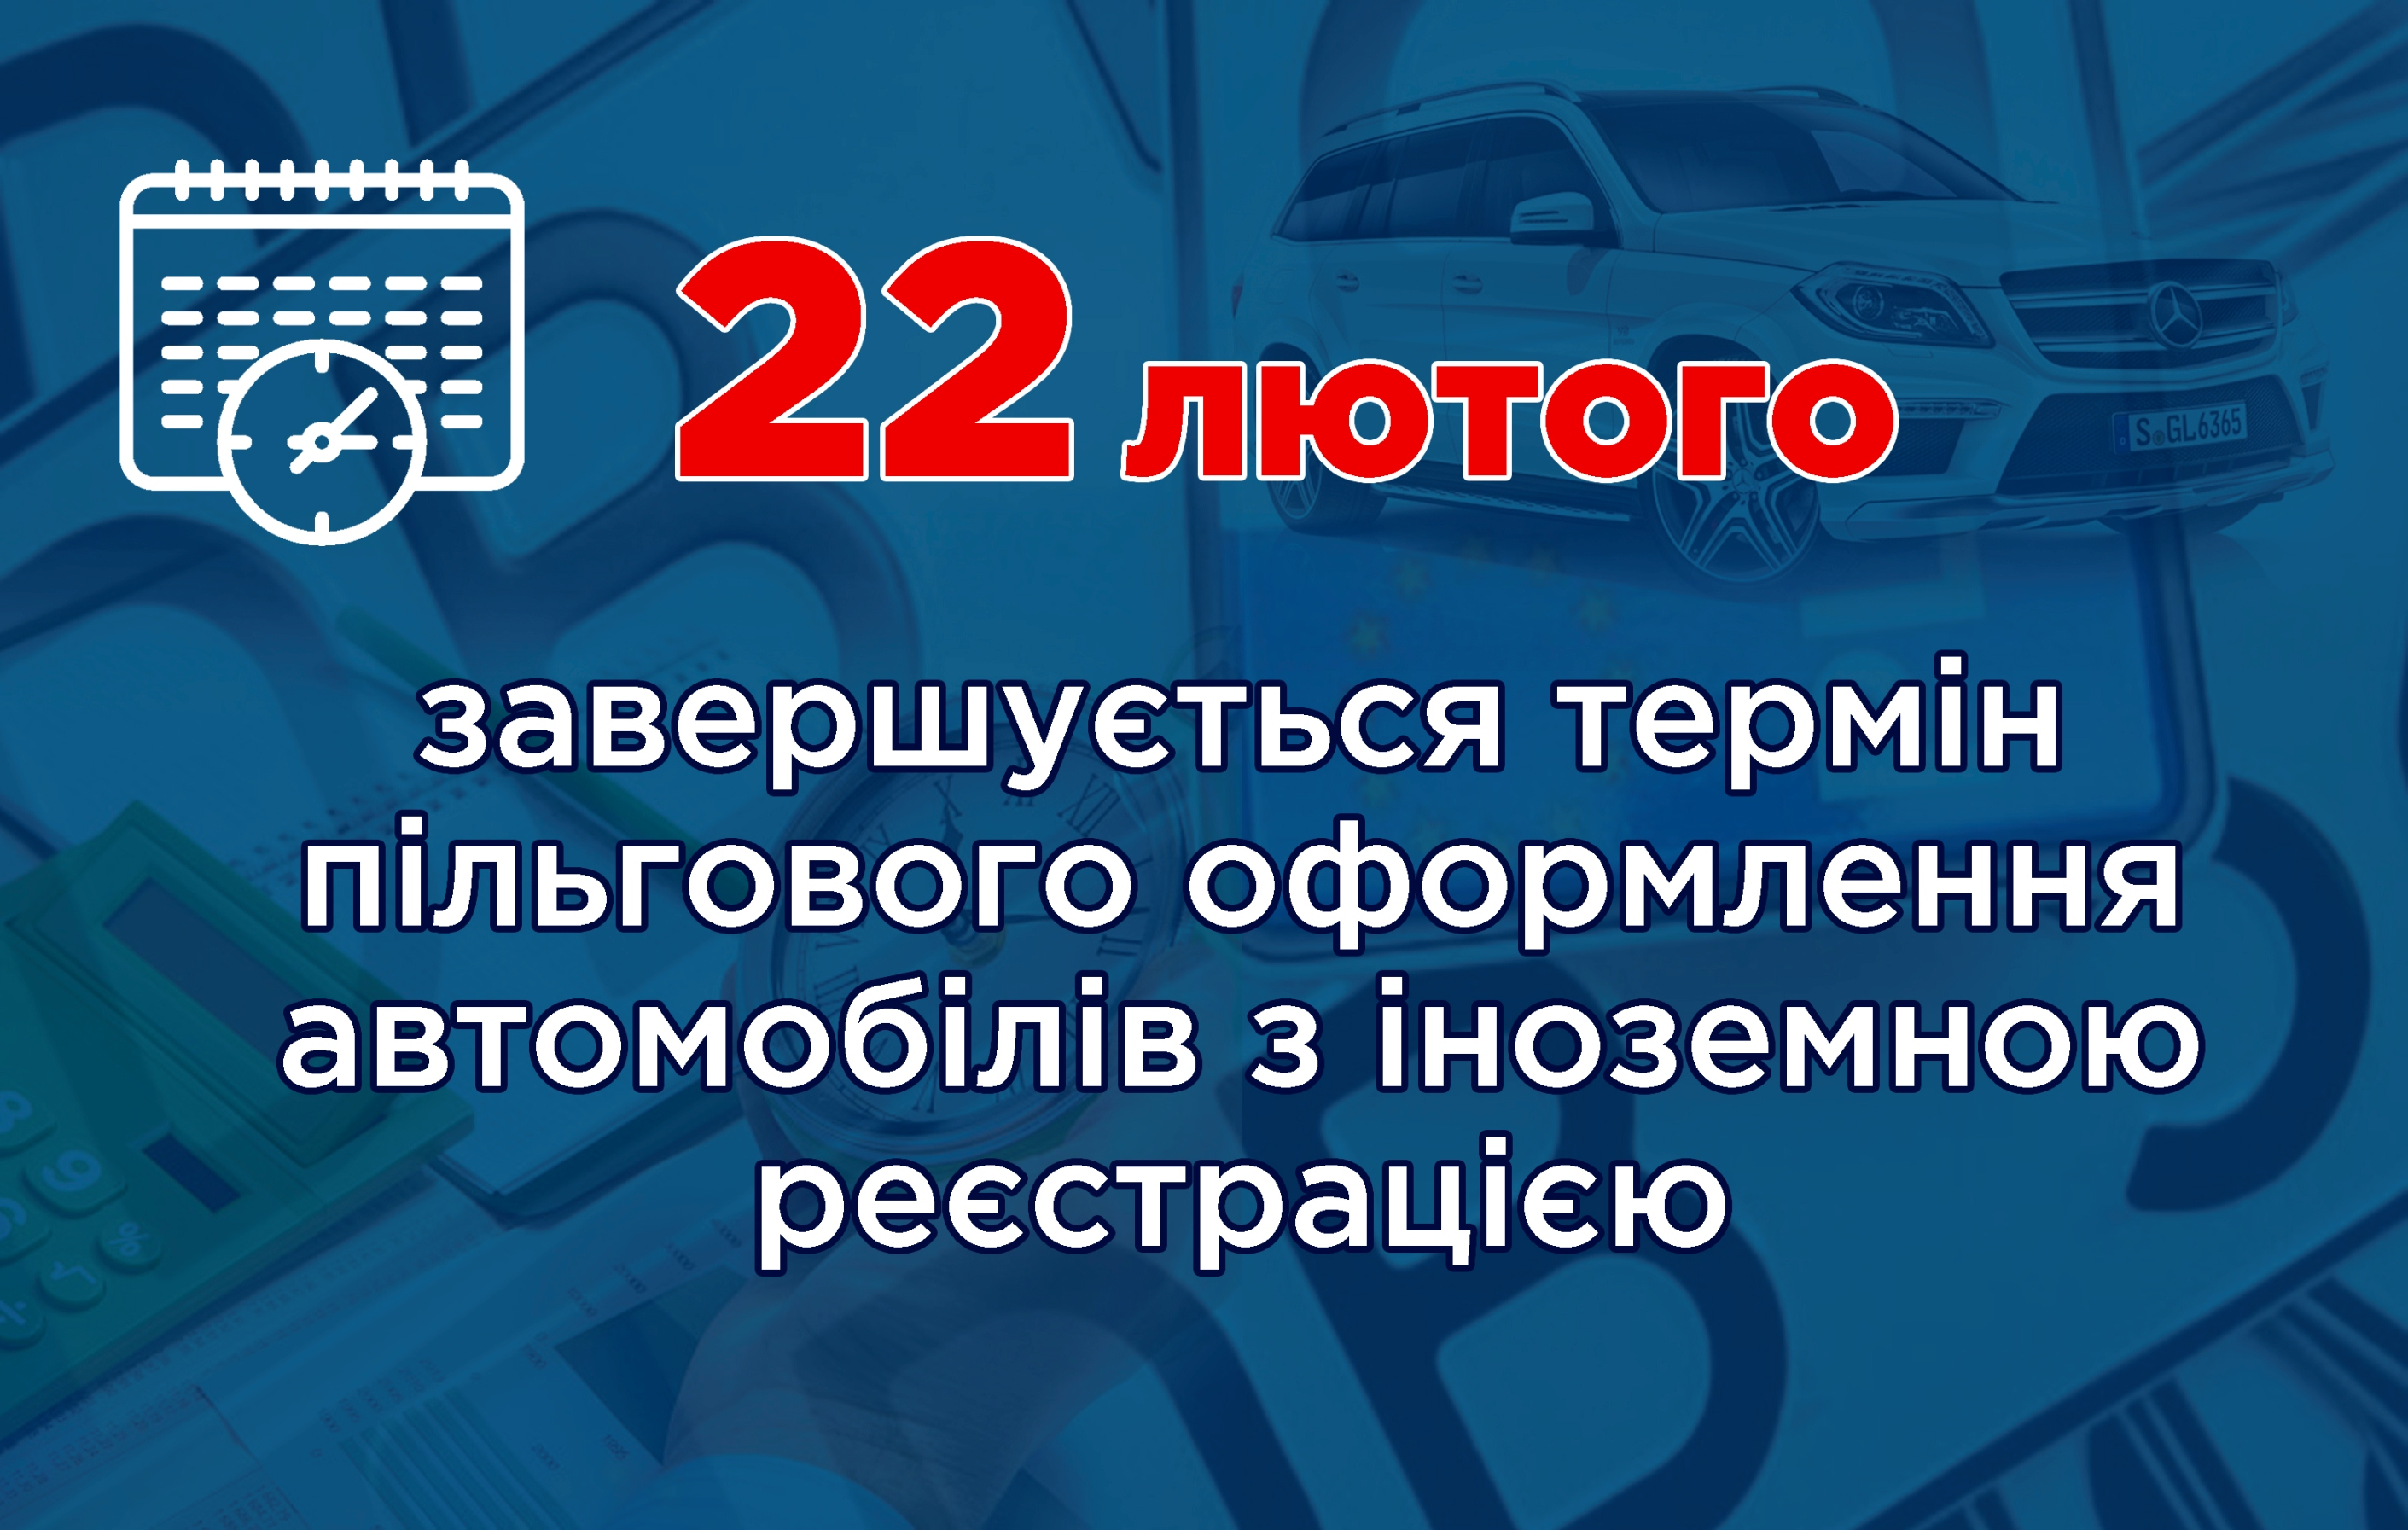 pilgov_roznitn